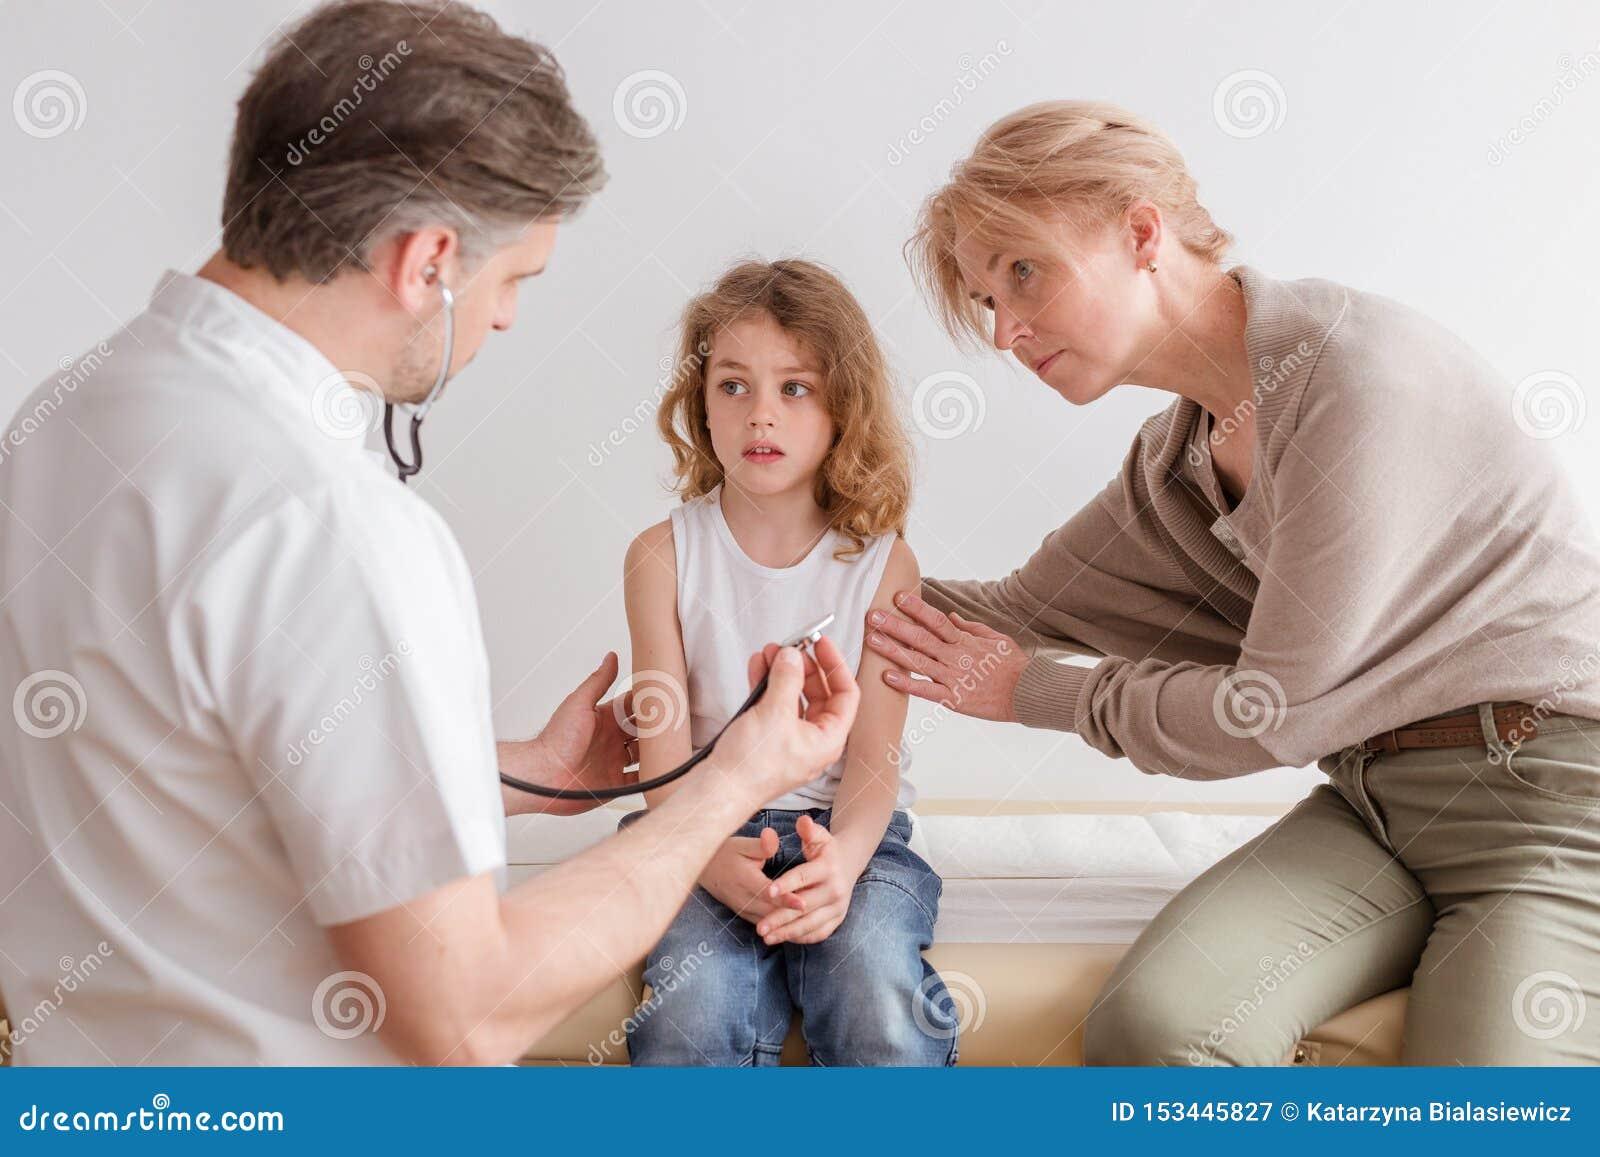 有肺炎症状的不适的孩子和专业医生在医院